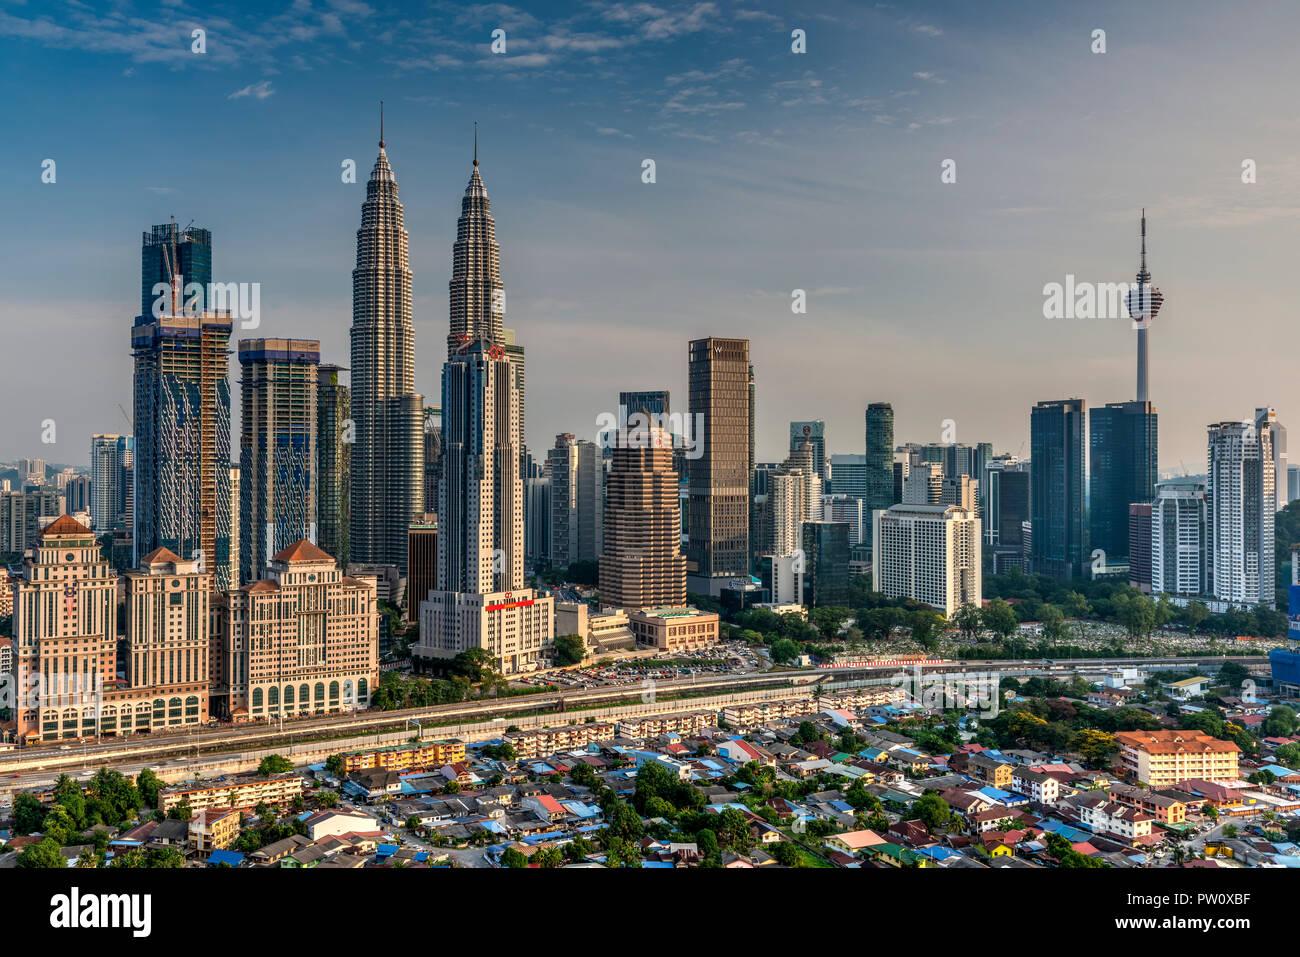 El horizonte de la ciudad de Kuala Lumpur, Malasia Imagen De Stock